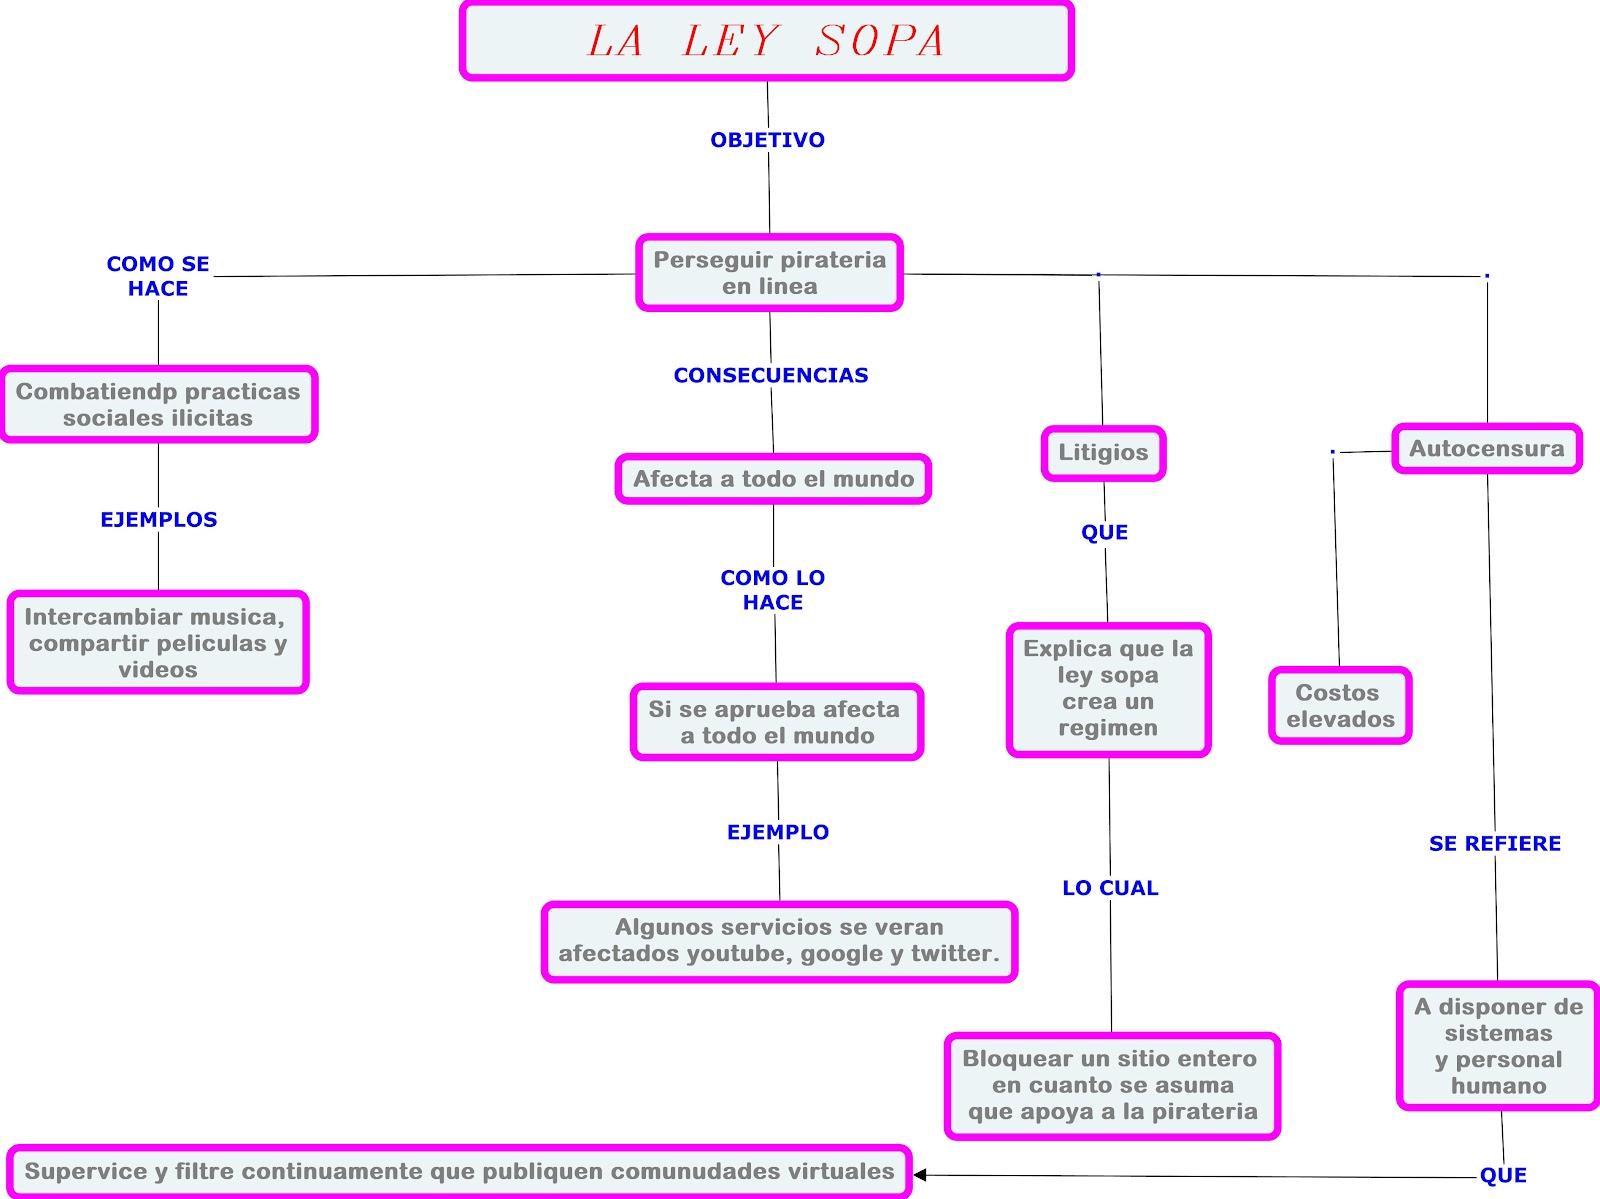 online Die Geschichte von der Thronfolge Davids (2 Sam 9–20; 1 Kön 1–2): Untersuchungen